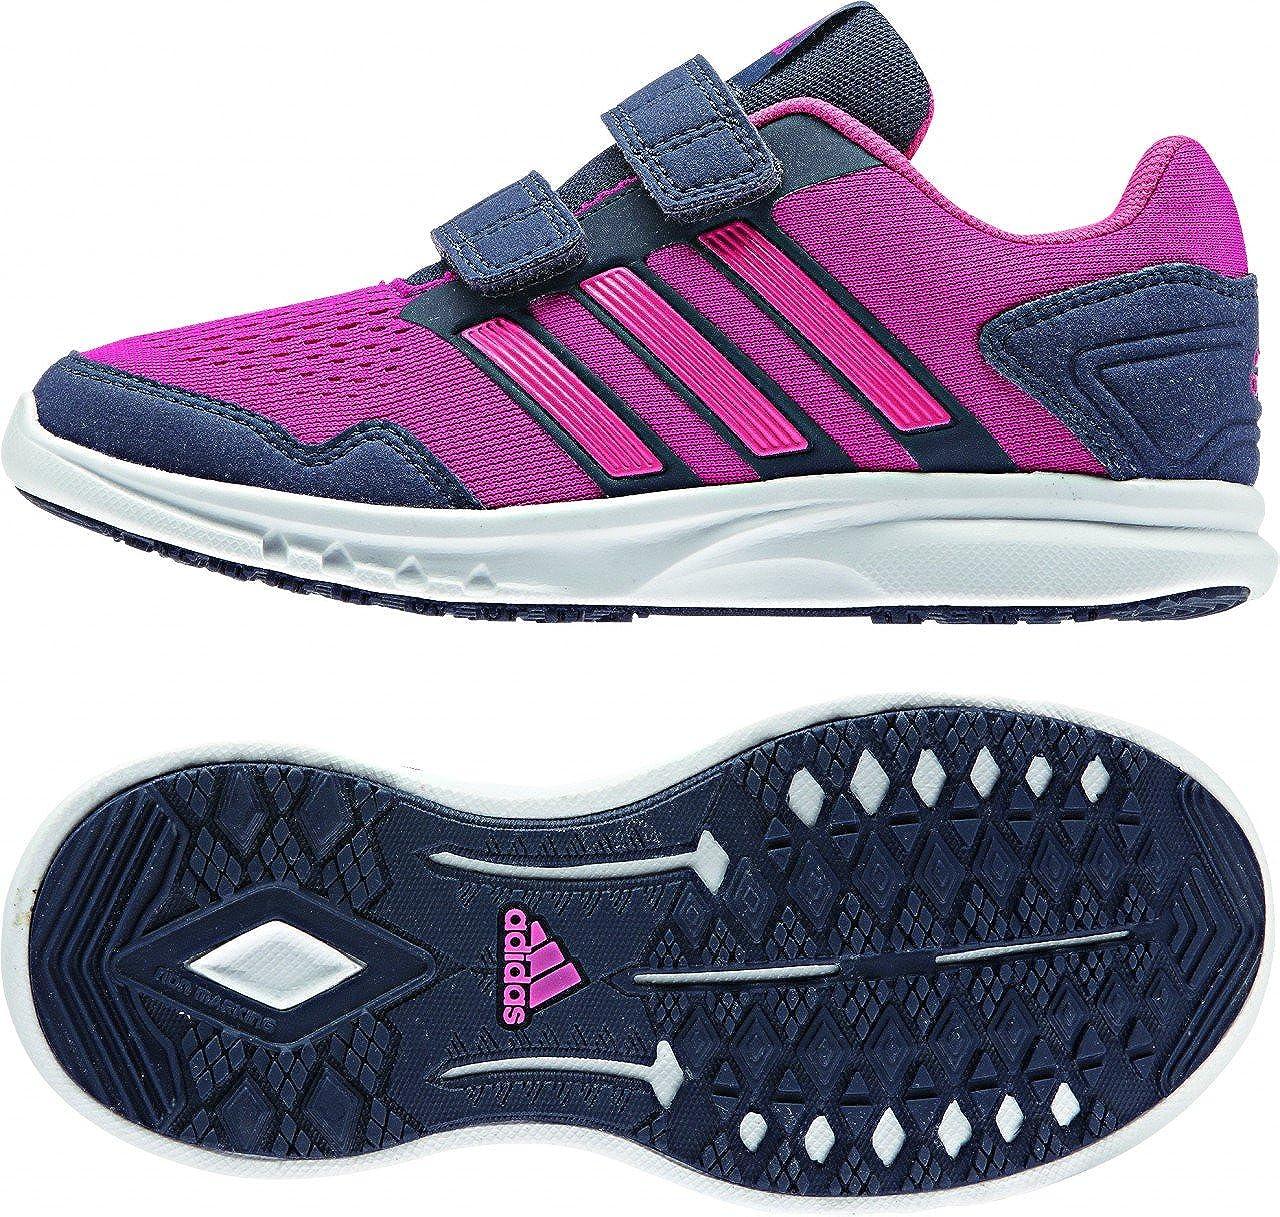 new style 883a8 5c56a adidas Runfastic CF K, Baskets Mode pour garçon RoseGris 30 EU Enfant  Amazon.fr Chaussures et Sacs